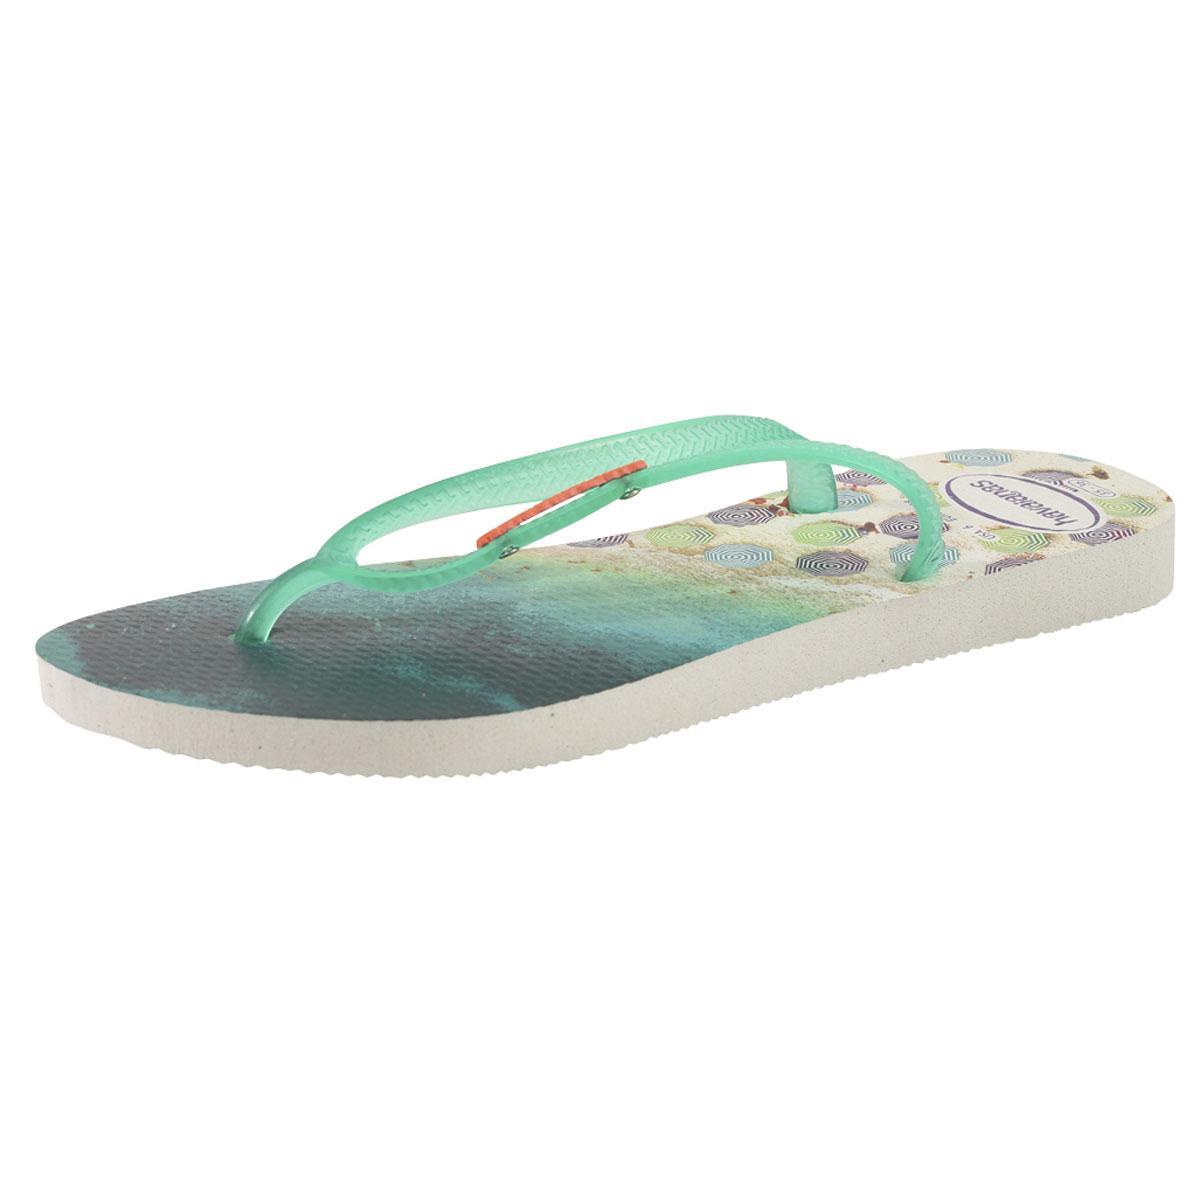 Image of Havainas Women's Slim Paisage Flip Flops Sandals Shoes - White/Mint Green - 7 8 B(M) US